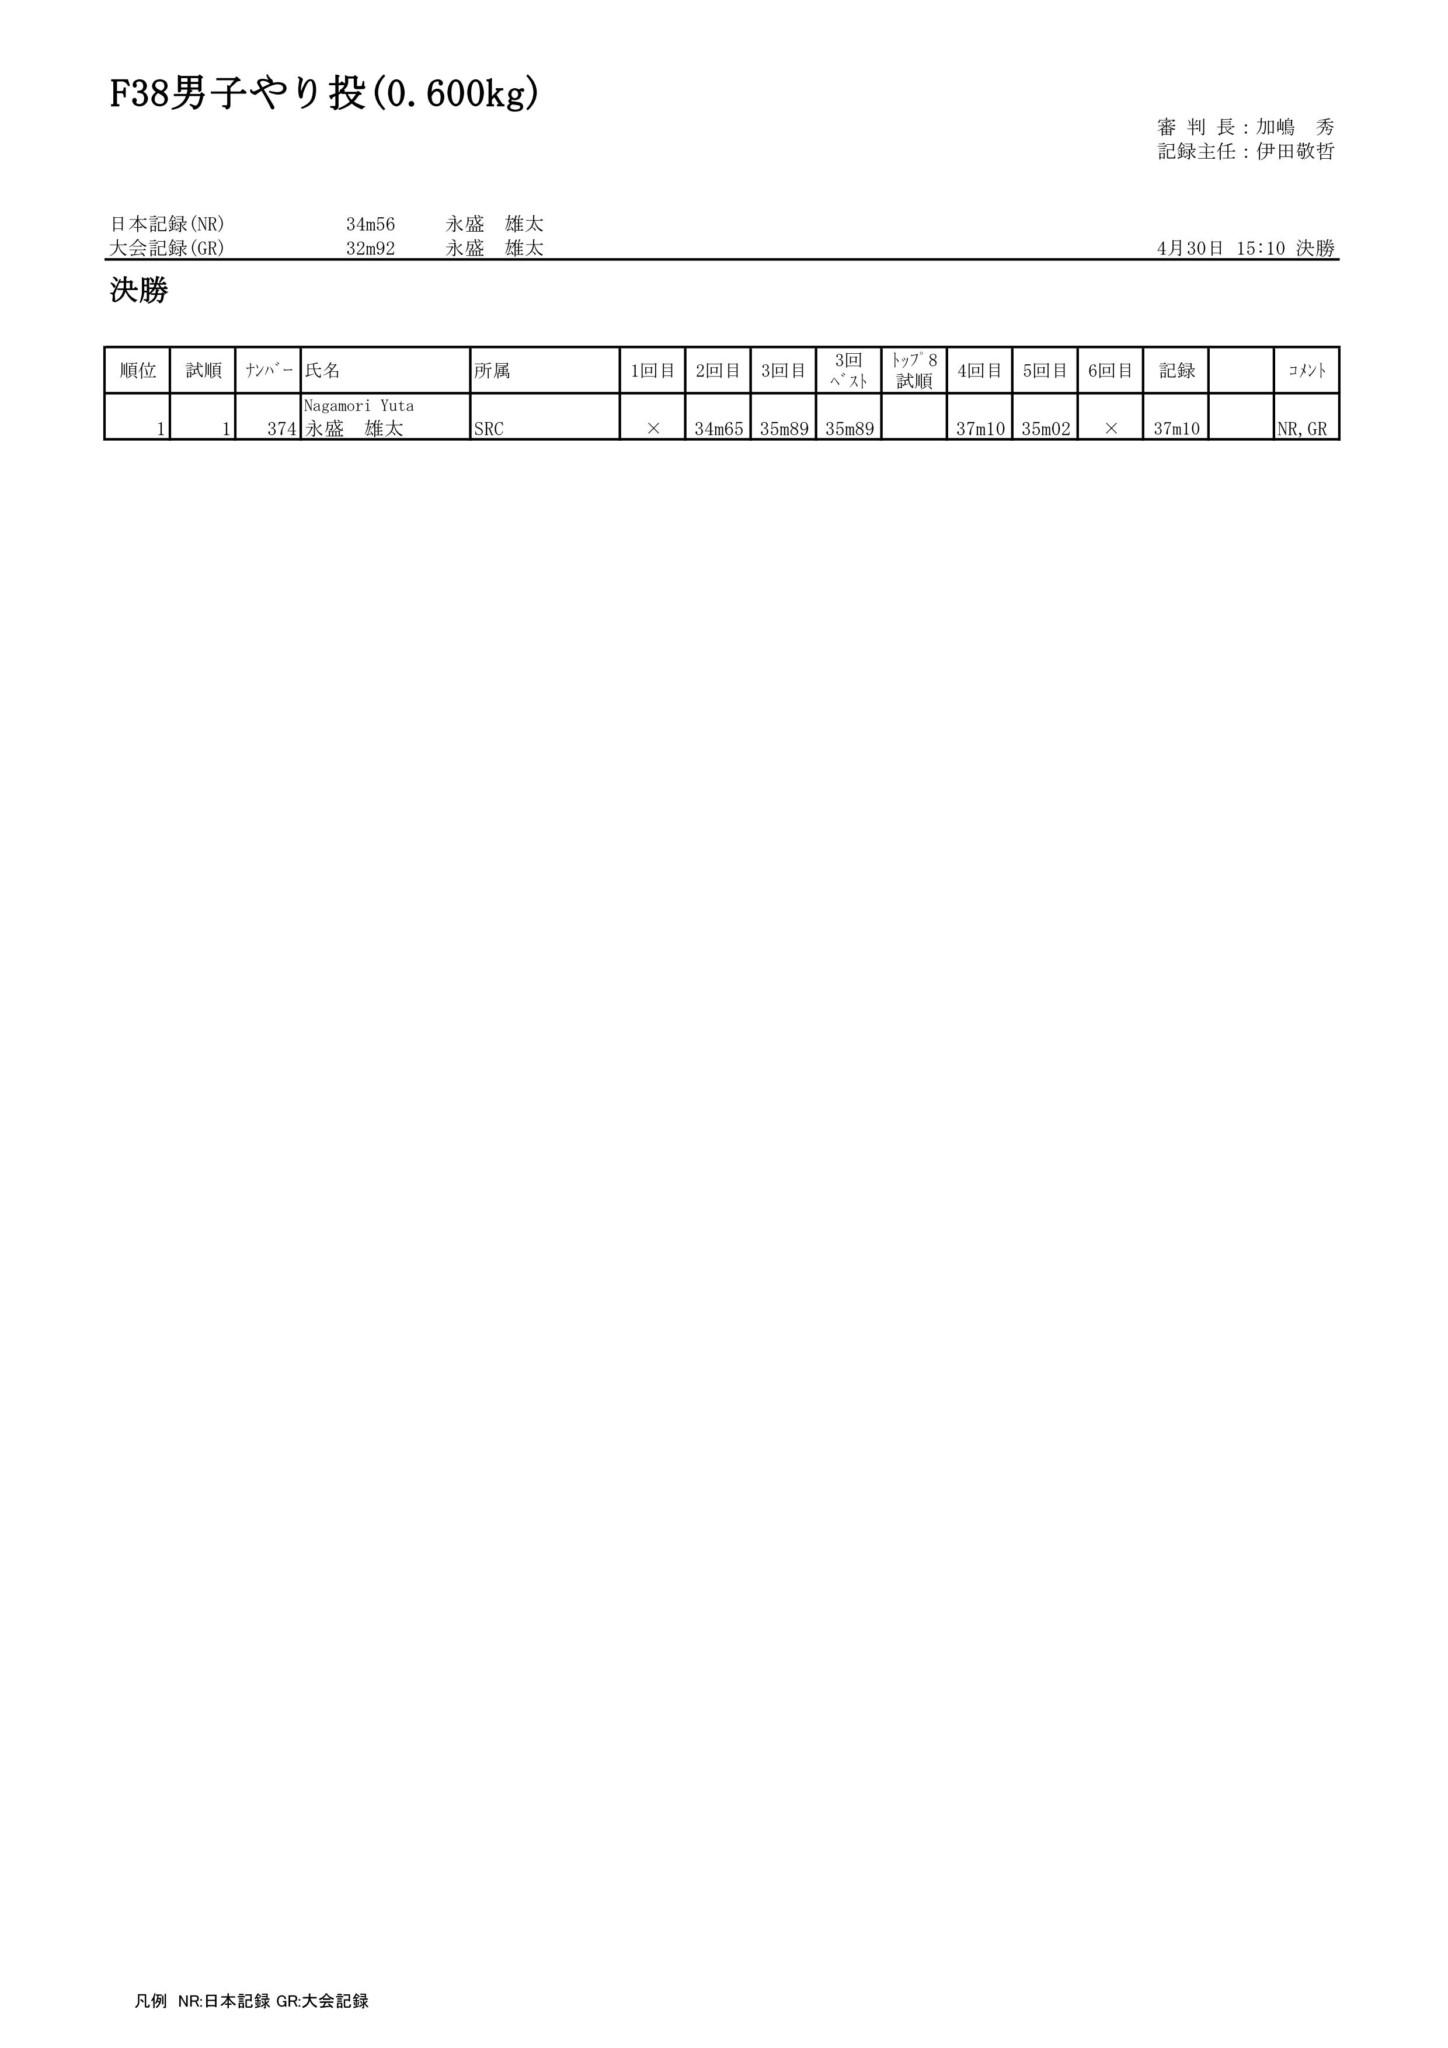 114F38男子やり投(0.600kg)_01